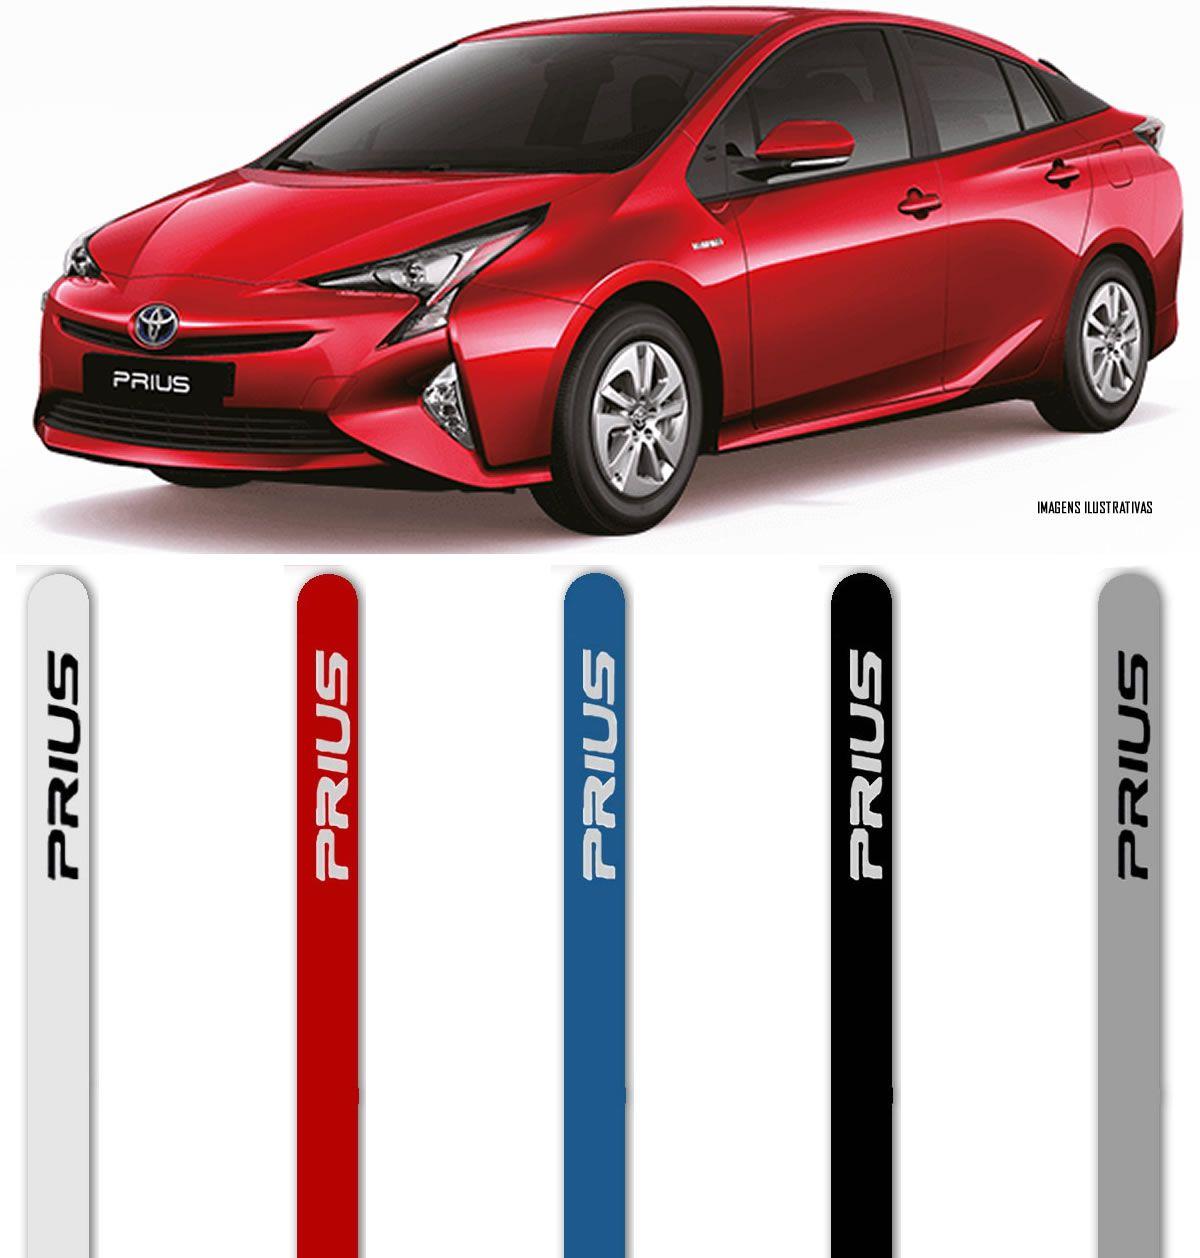 Jogo Friso Lateral Pintado Toyota Prius - Cor Original